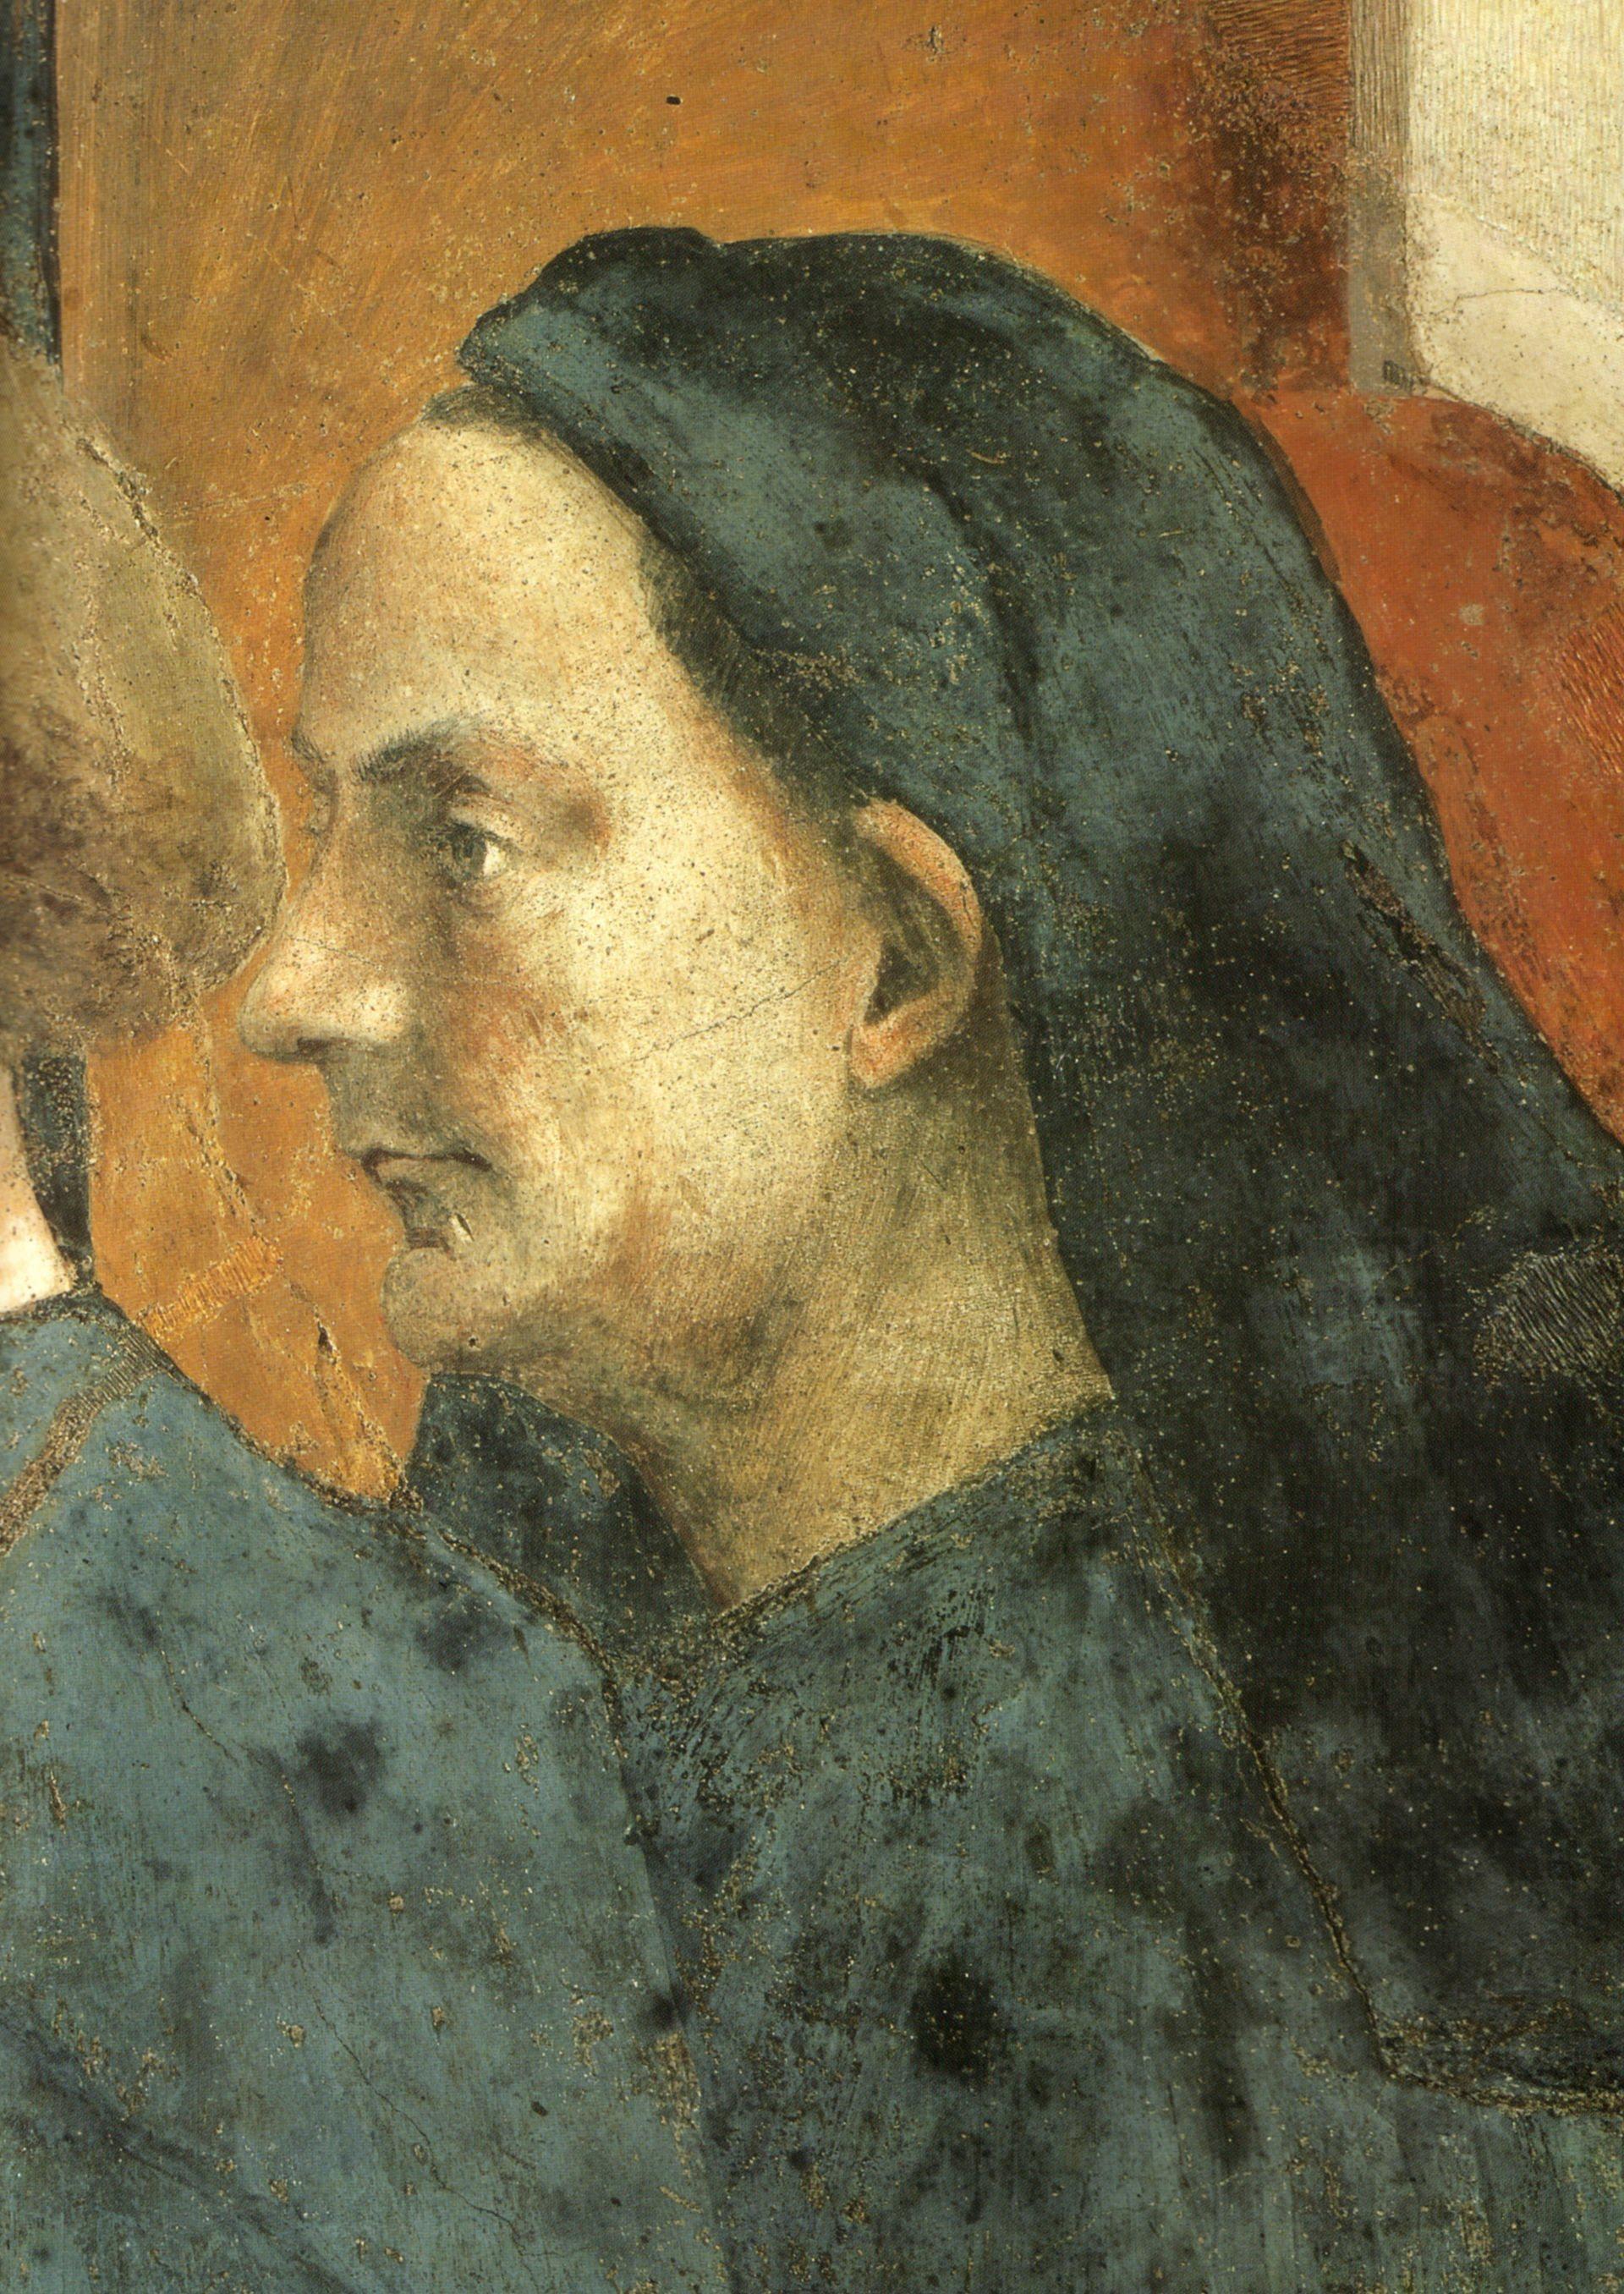 1920px-Masaccio,_cappella_brancacci,_san_pietro_in_cattedra._ritratto_di_filippo_brunelleschi